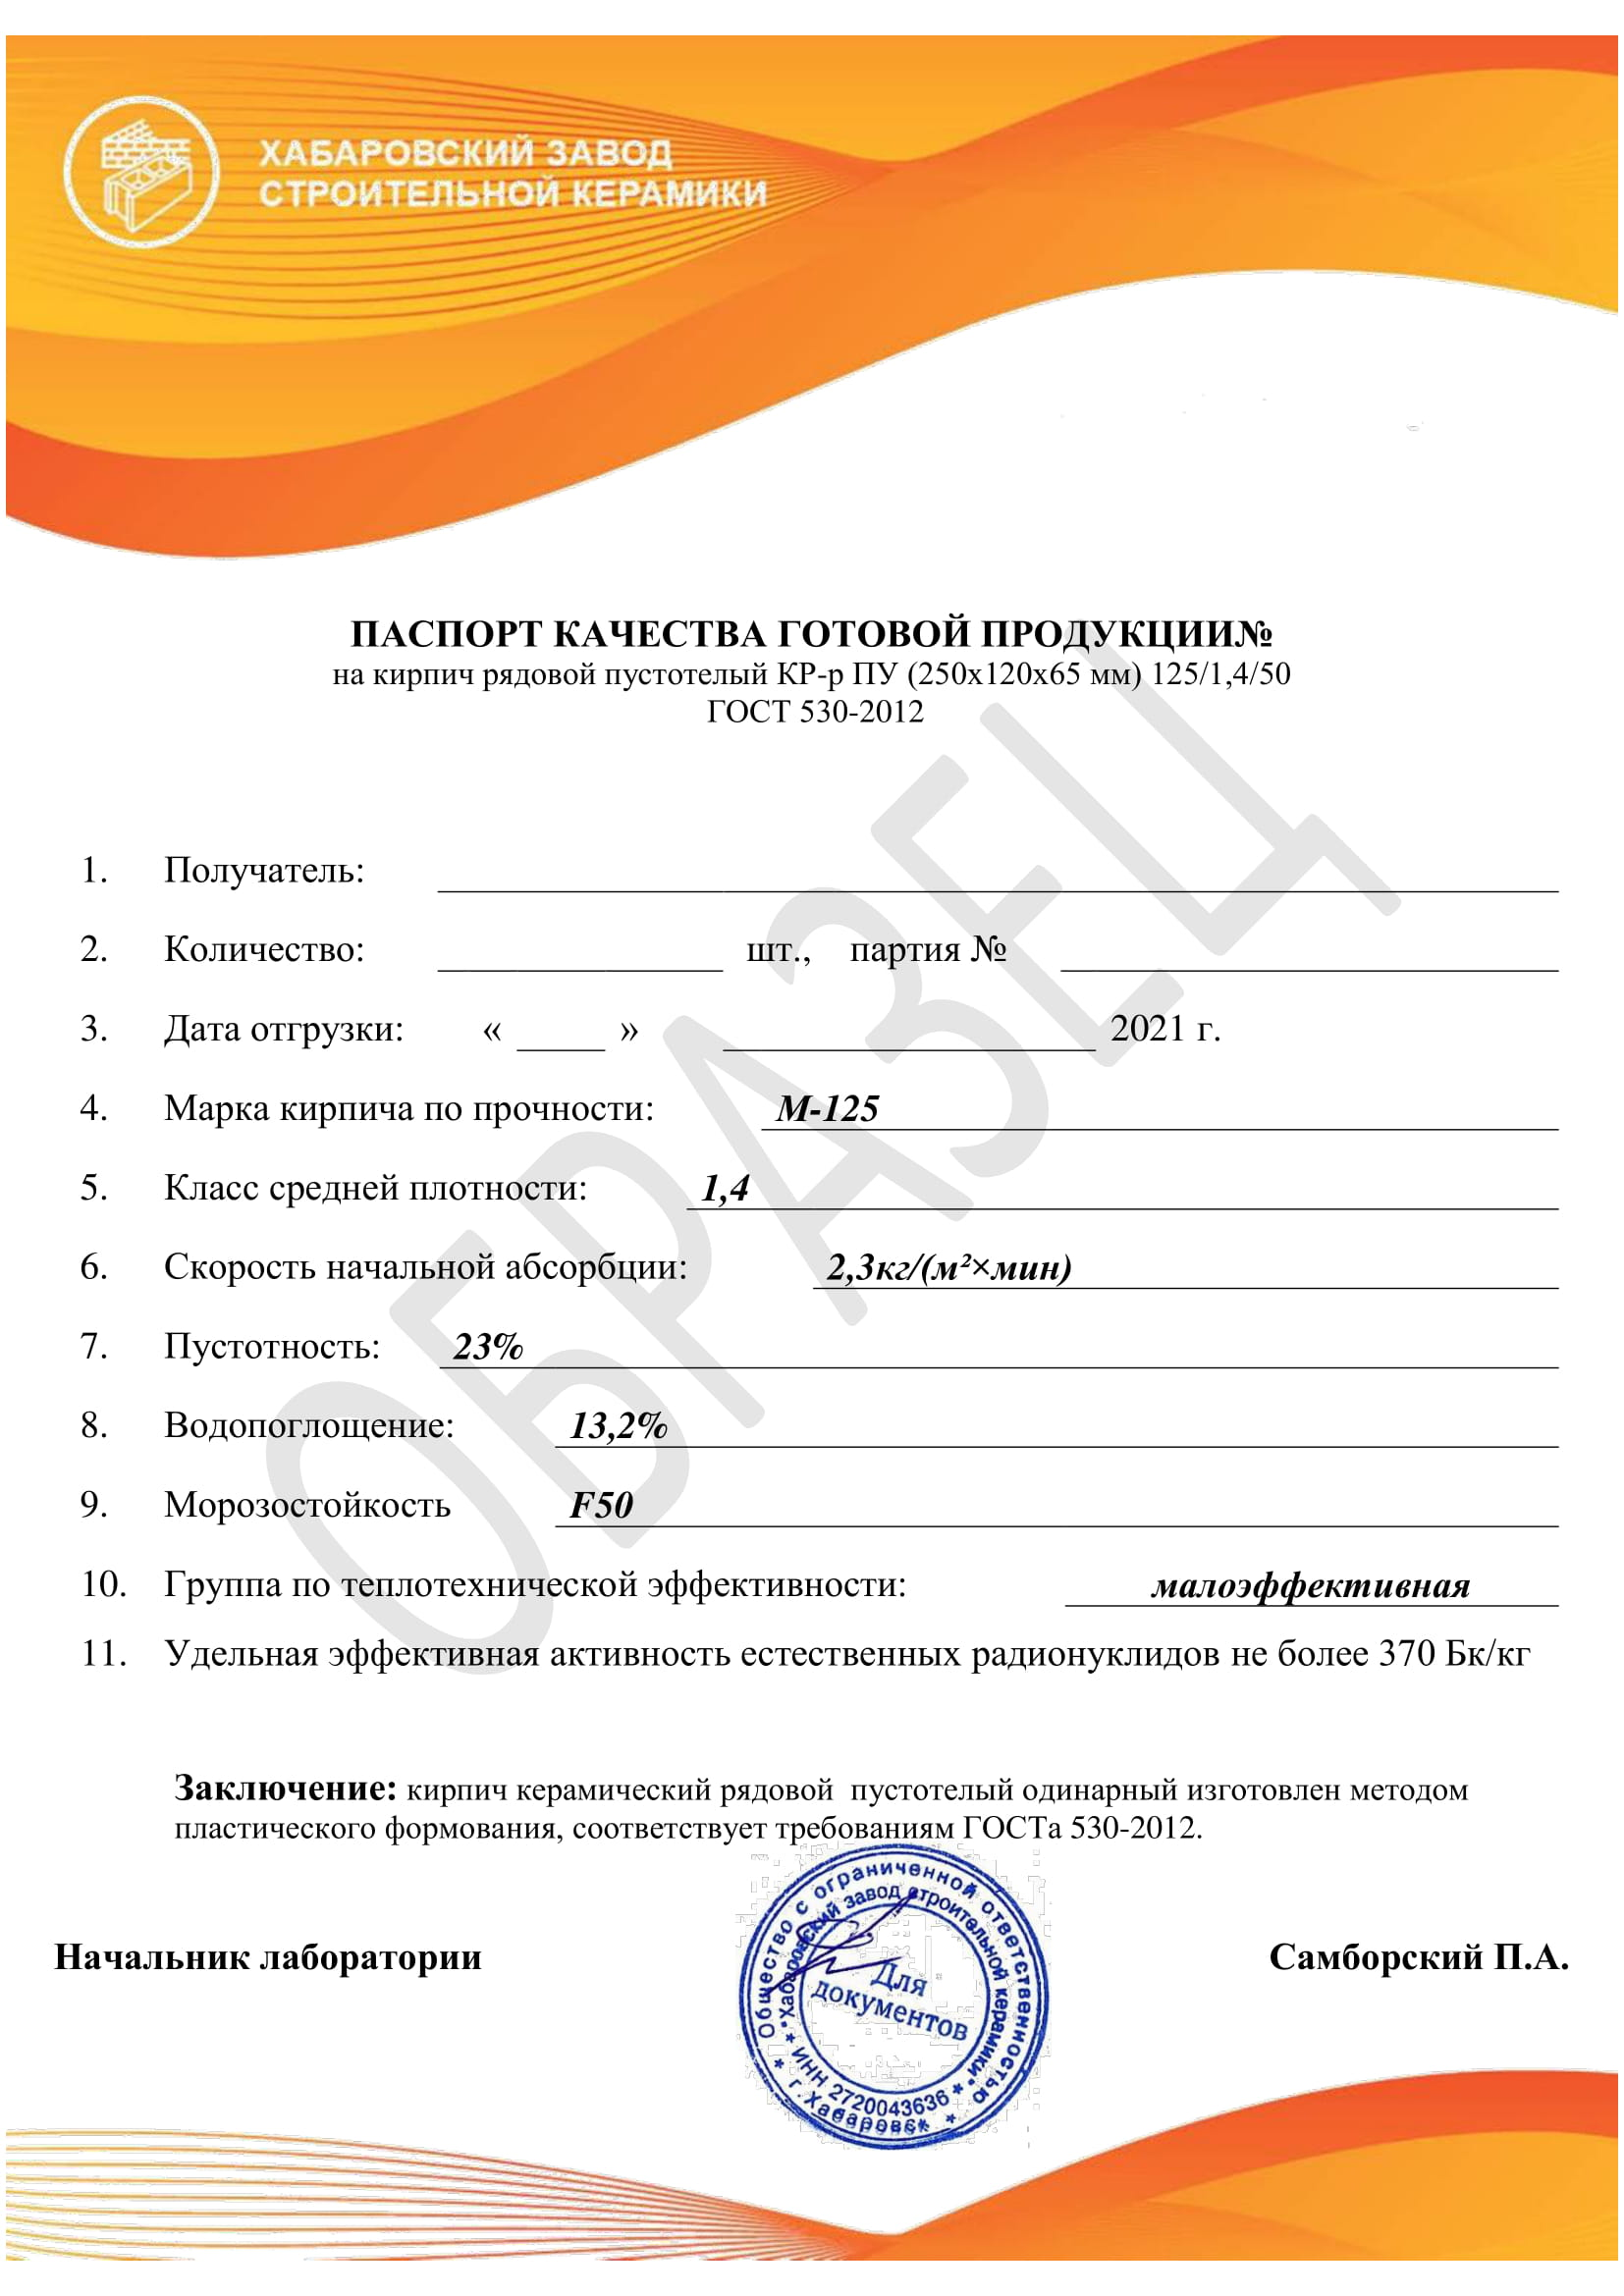 Паспорт образец М 125 пустотелый-1